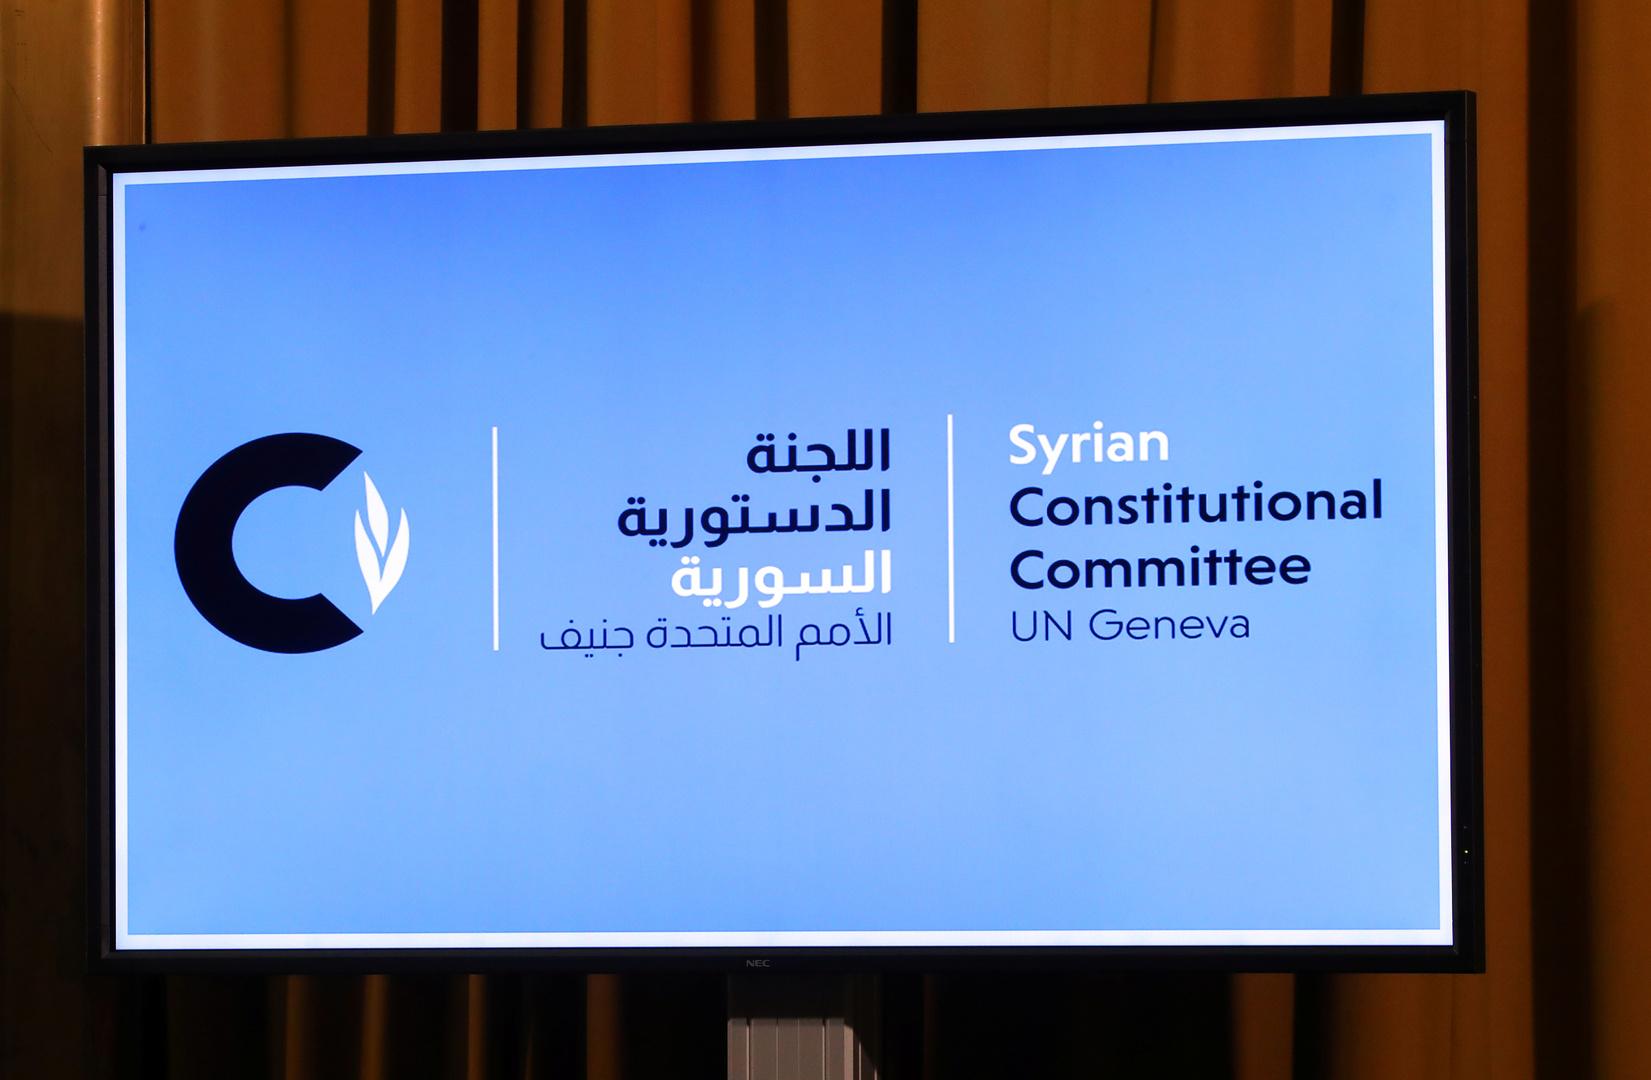 دبلوماسي روسي بارز يبحث مع بيدرسن التحضيرات لجلسة اللجنة الدستورية السورية